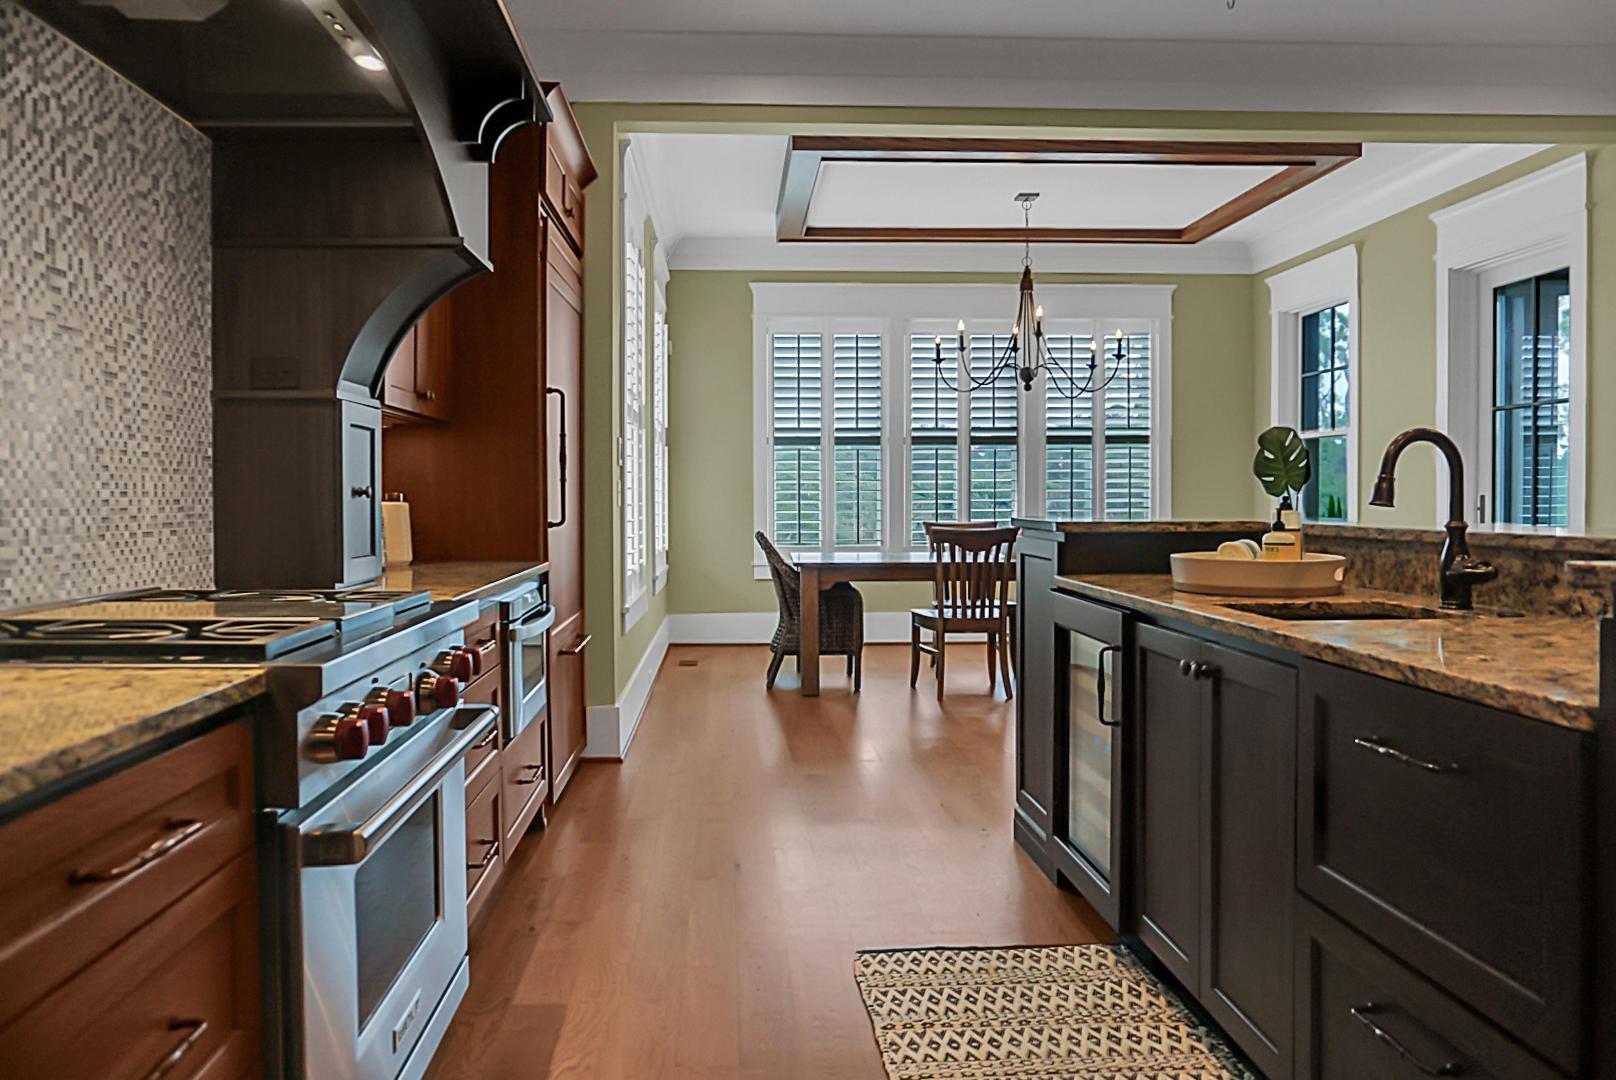 Dunes West Homes For Sale - 2978 River Vista, Mount Pleasant, SC - 59